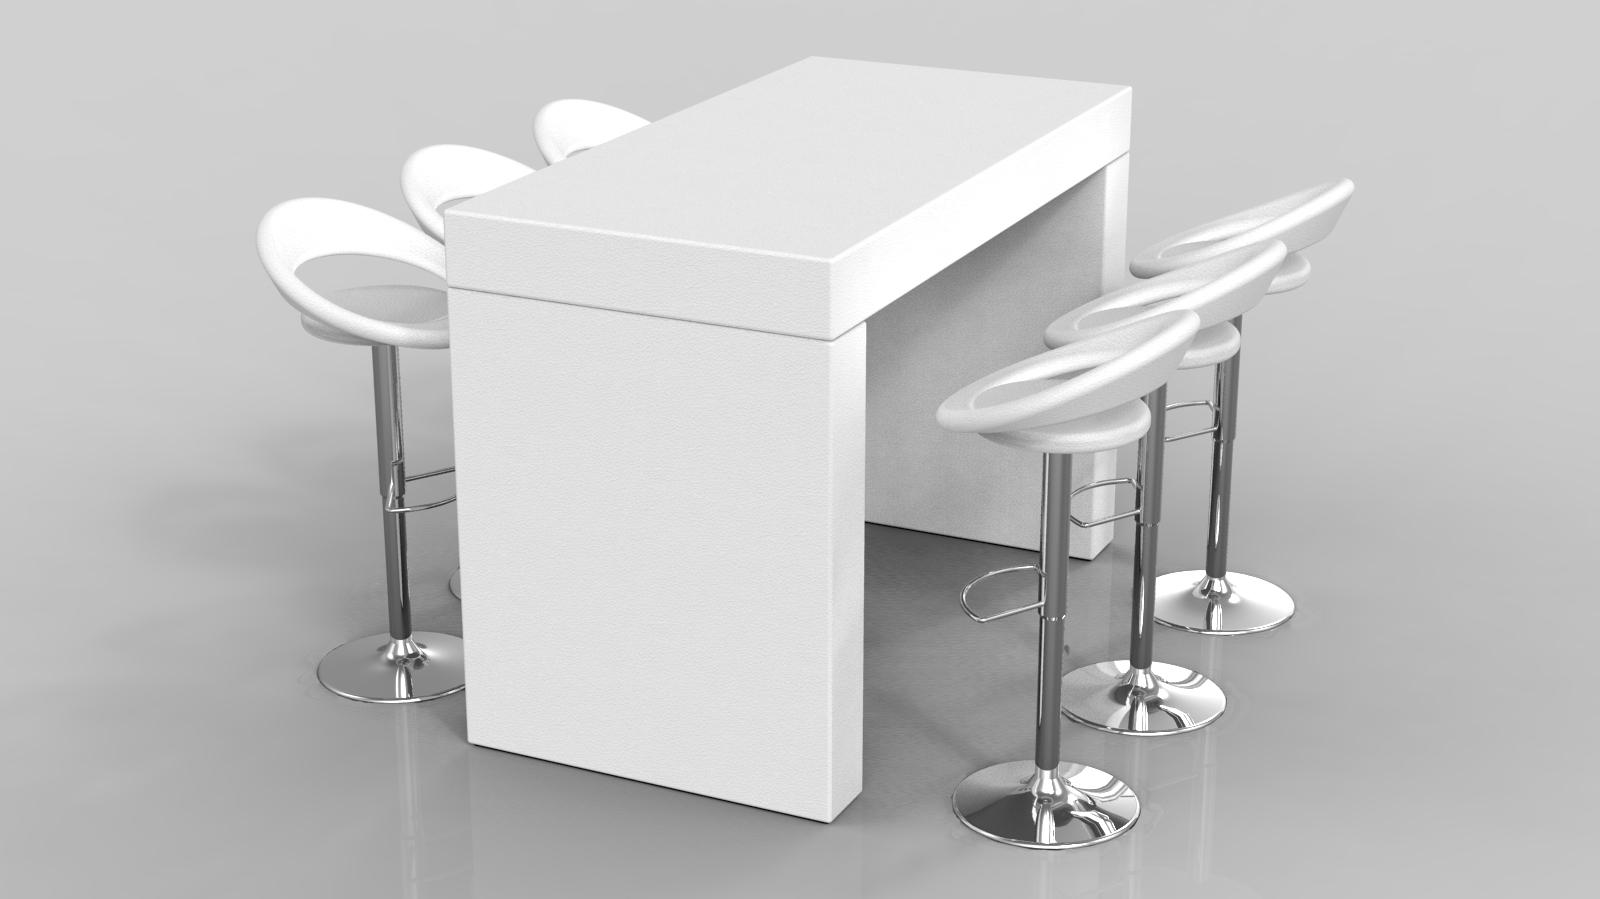 7er set br ckentisch barst hle merlin lounge for rent. Black Bedroom Furniture Sets. Home Design Ideas